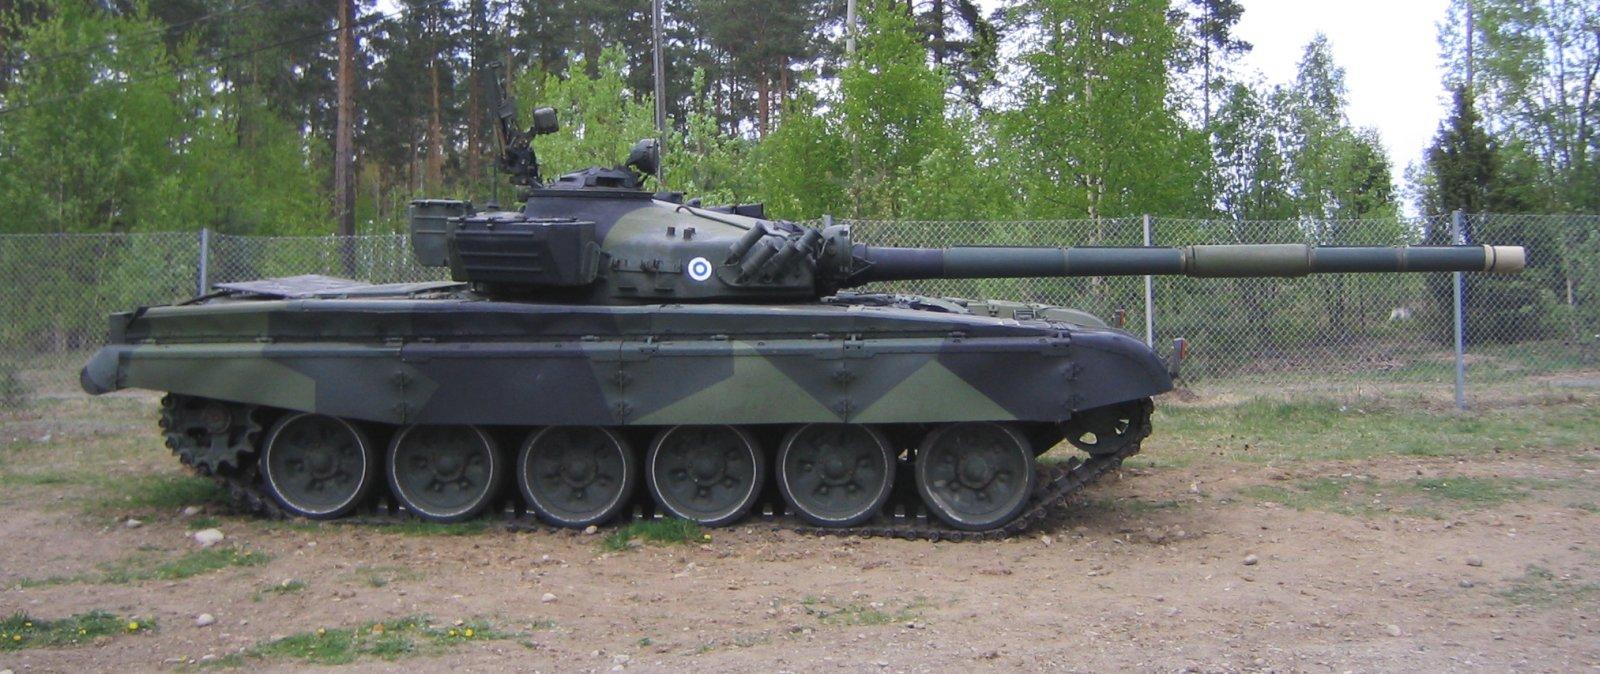 По моему мнению, т-72 - лучший танк в мире